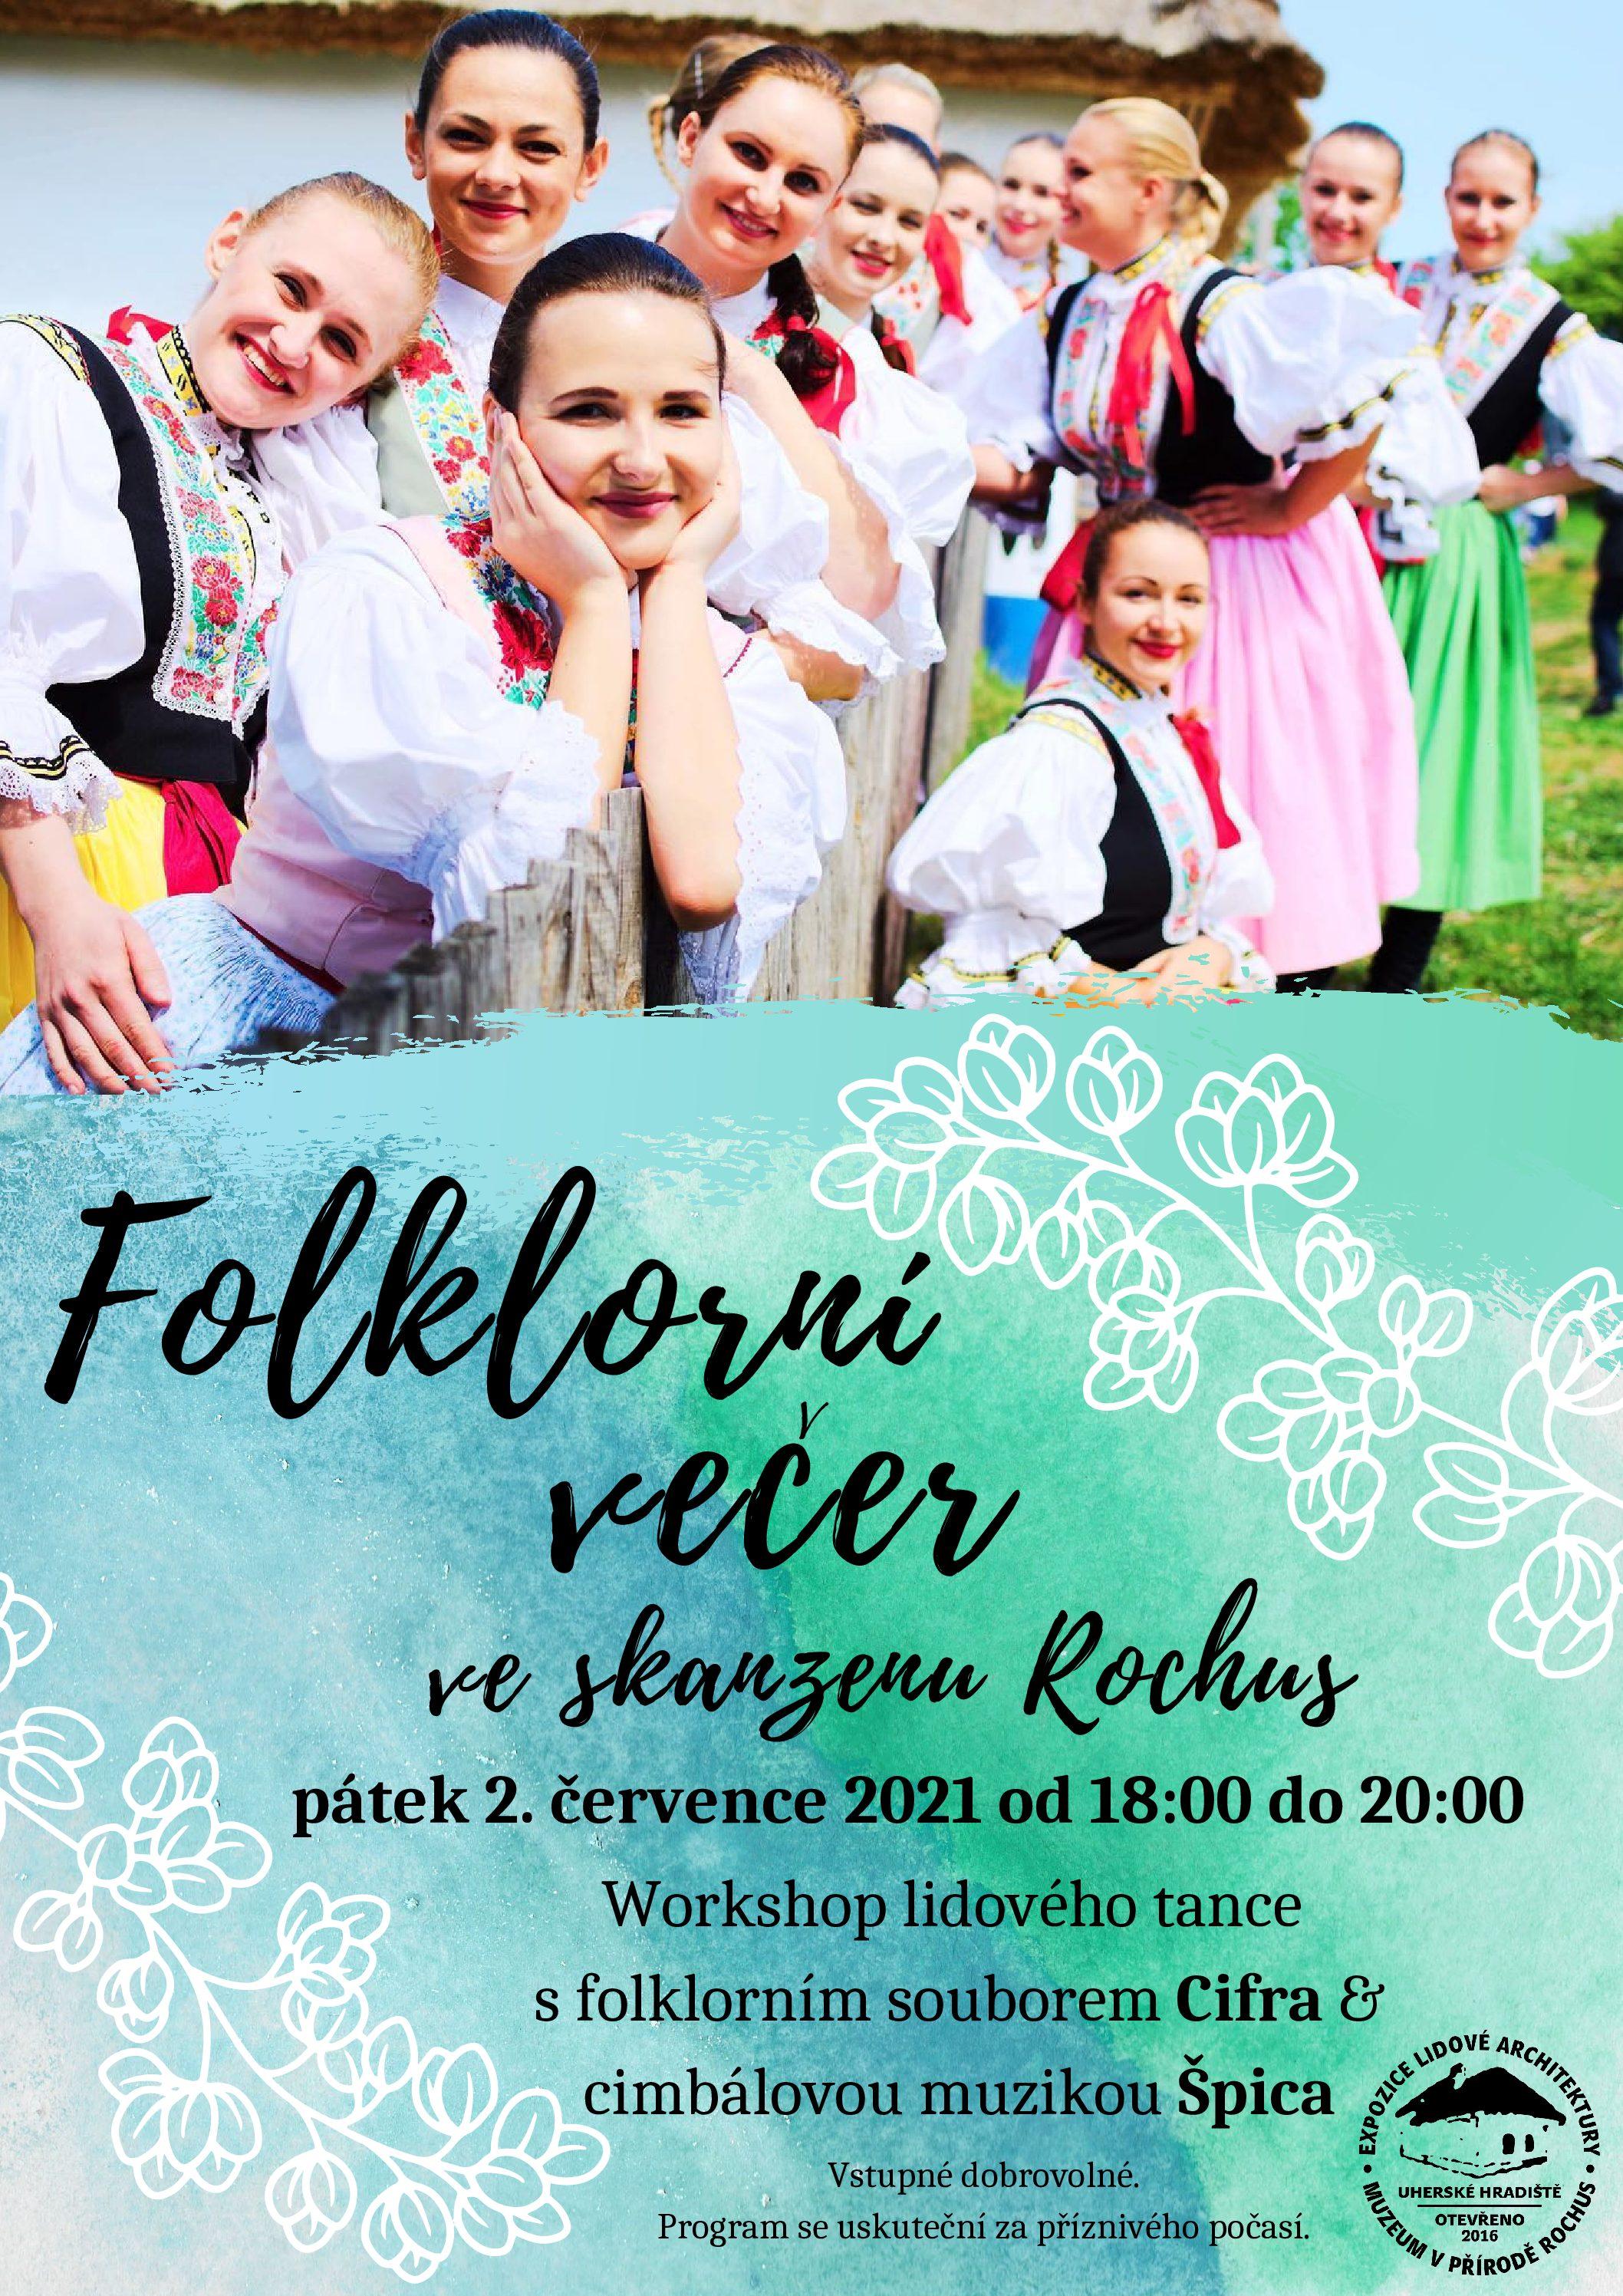 Workshop lidového tance ve skanzenu Rochus (Folklorní večer)